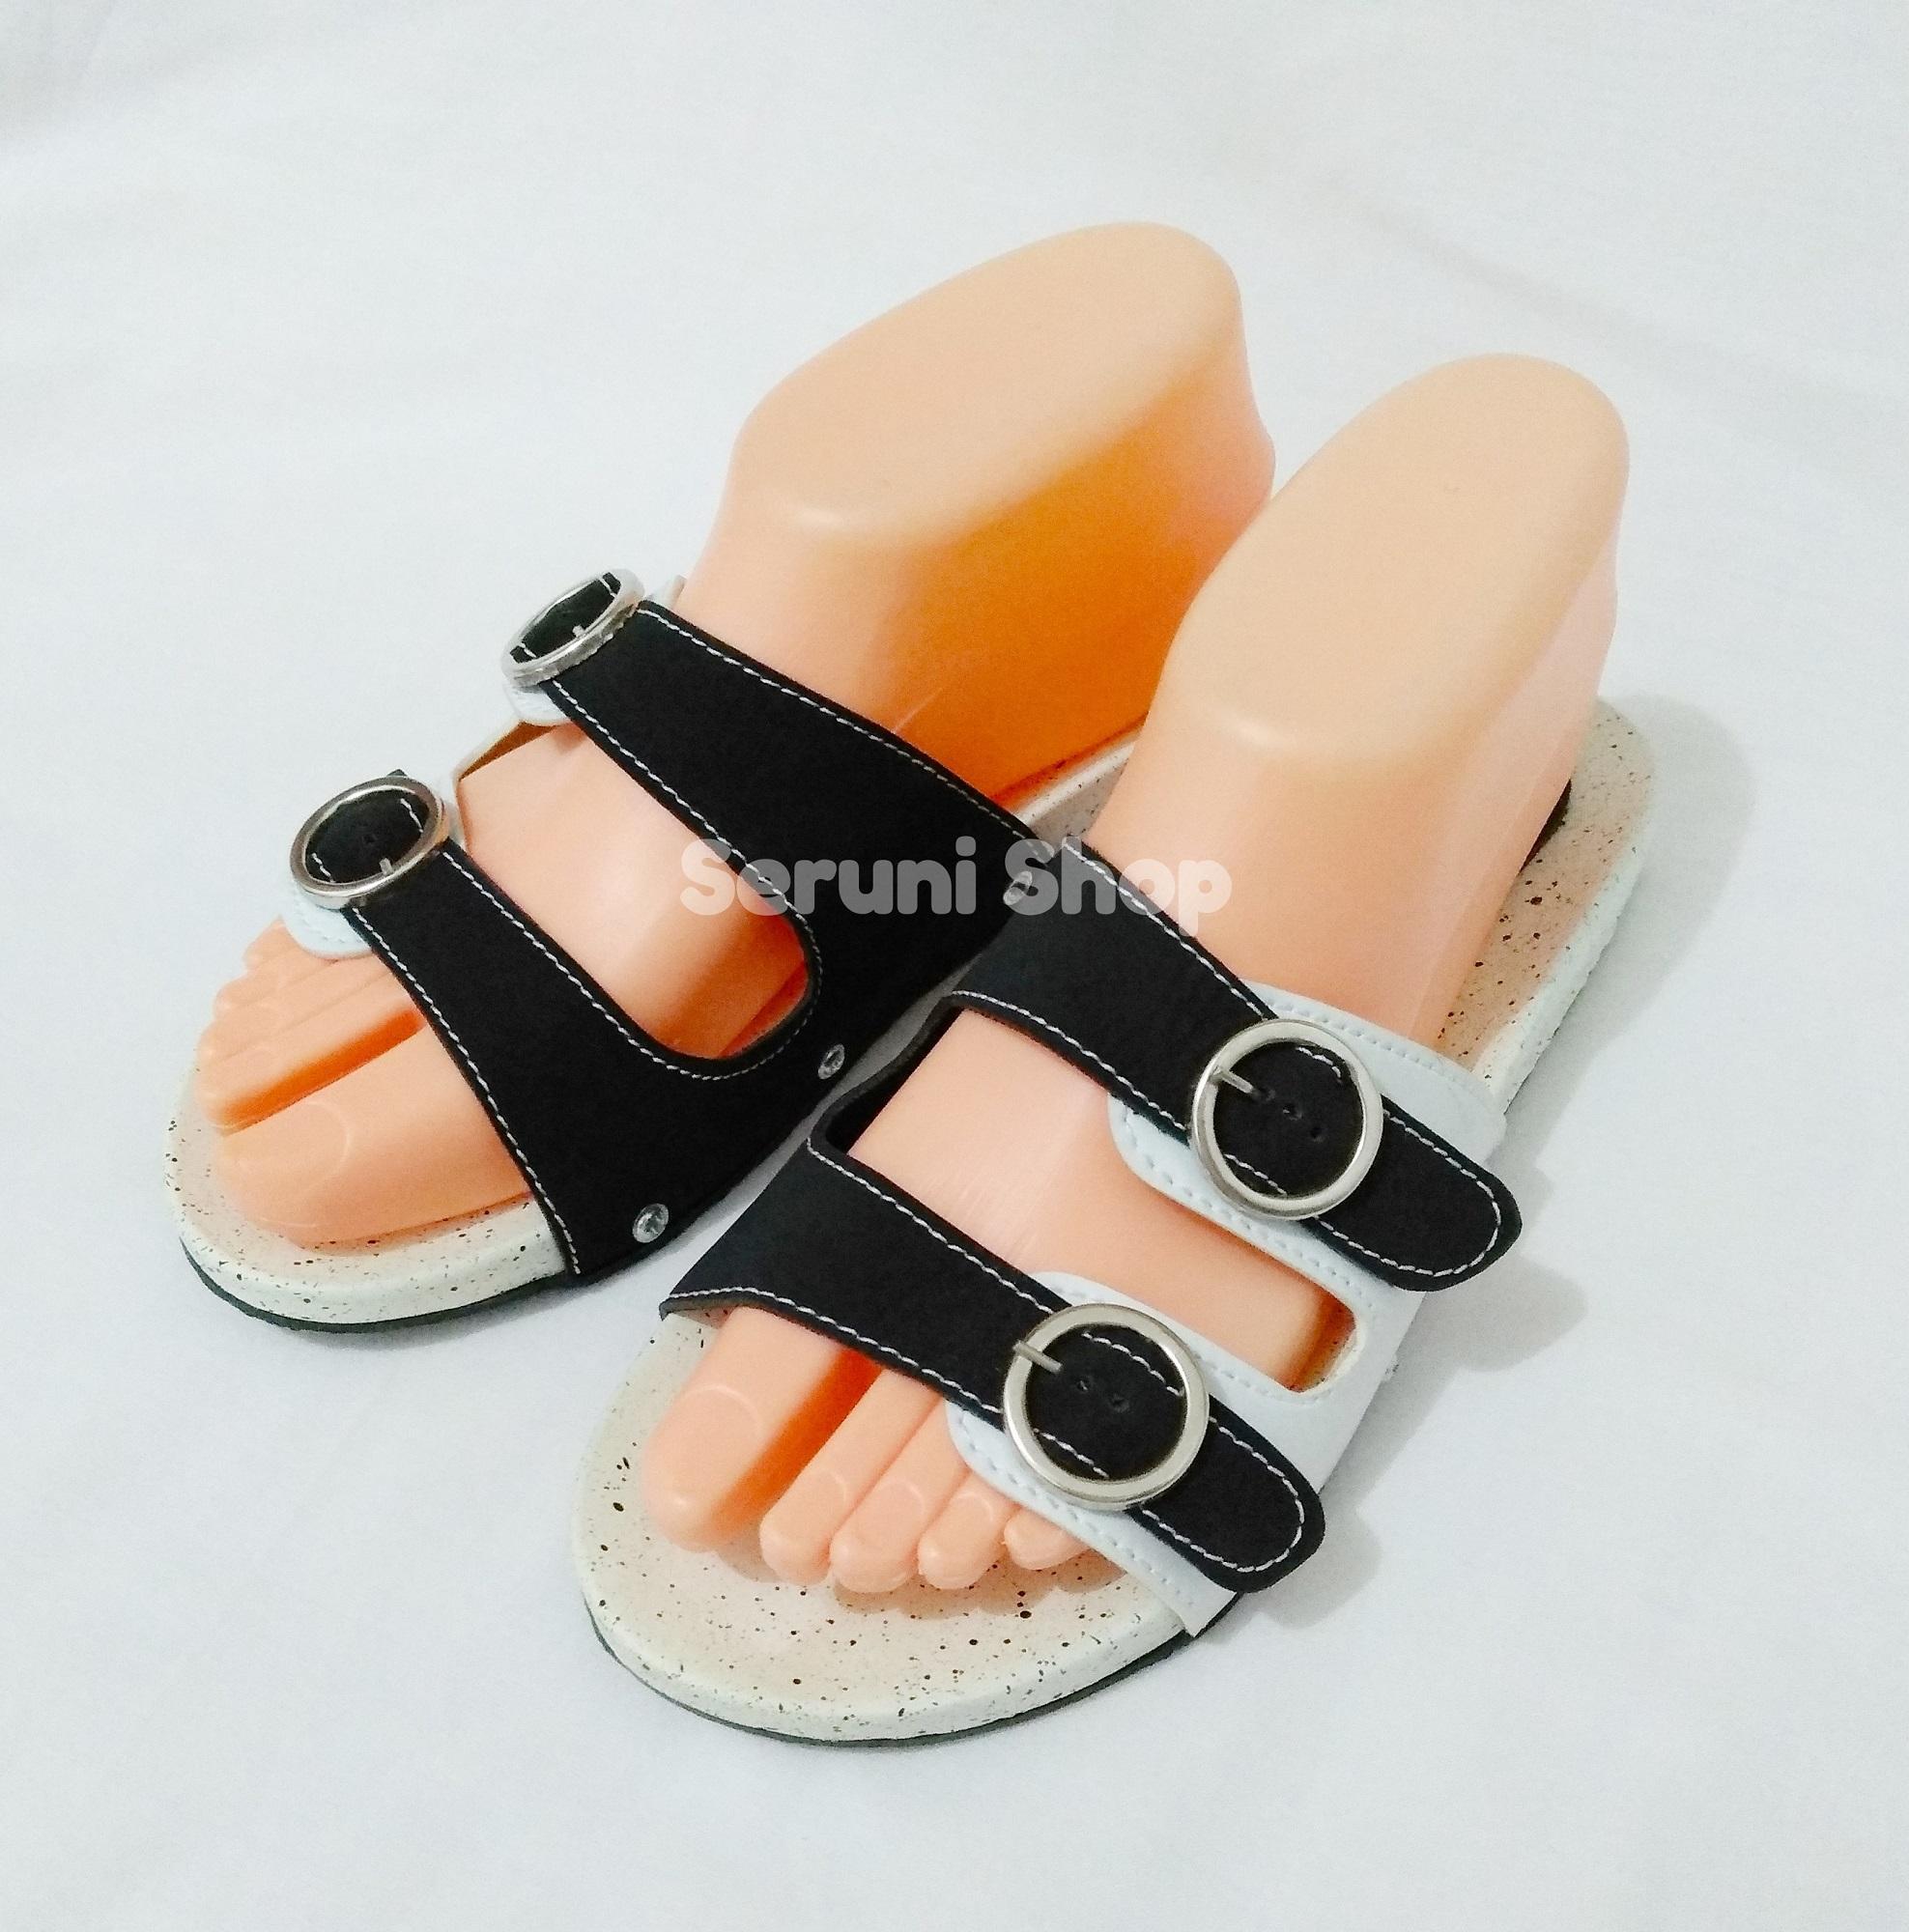 Seruni Flat Sandals Gesper 2 Tali Kokop Black